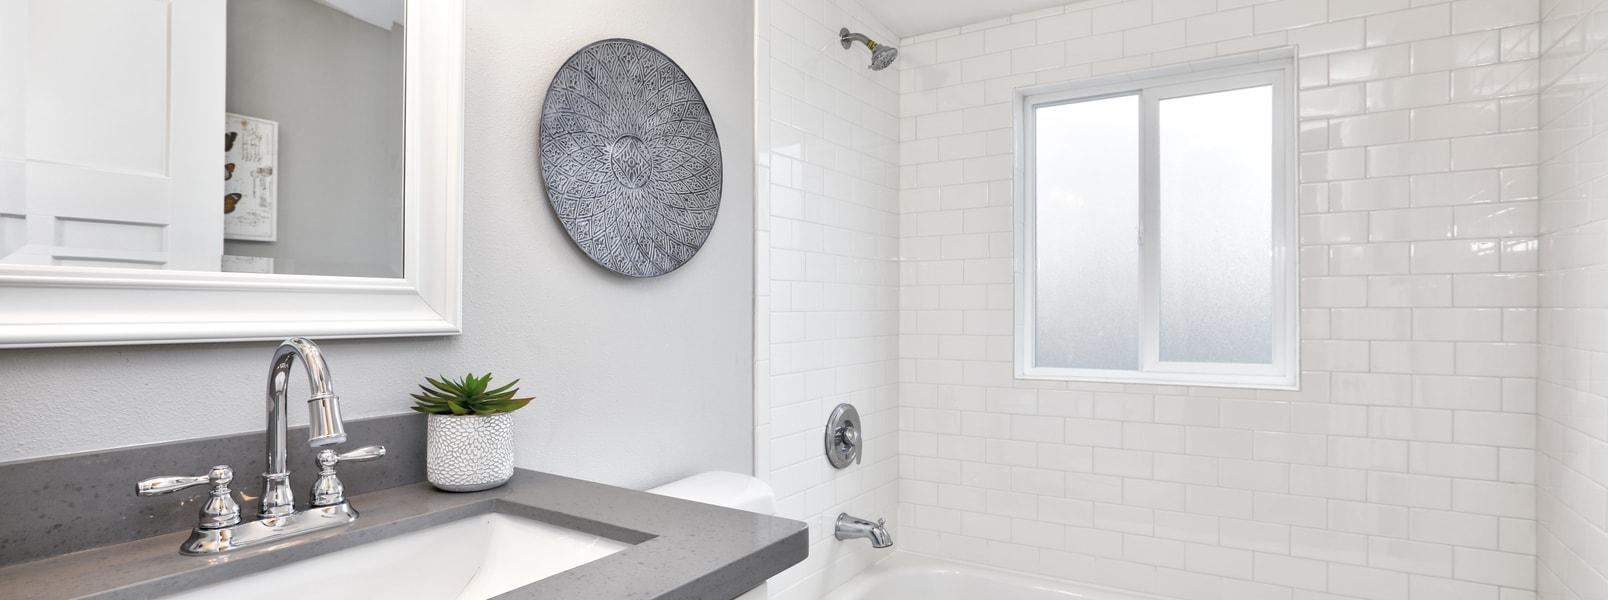 10 Trucs pour économiser sur sa rénovation de salle de bain